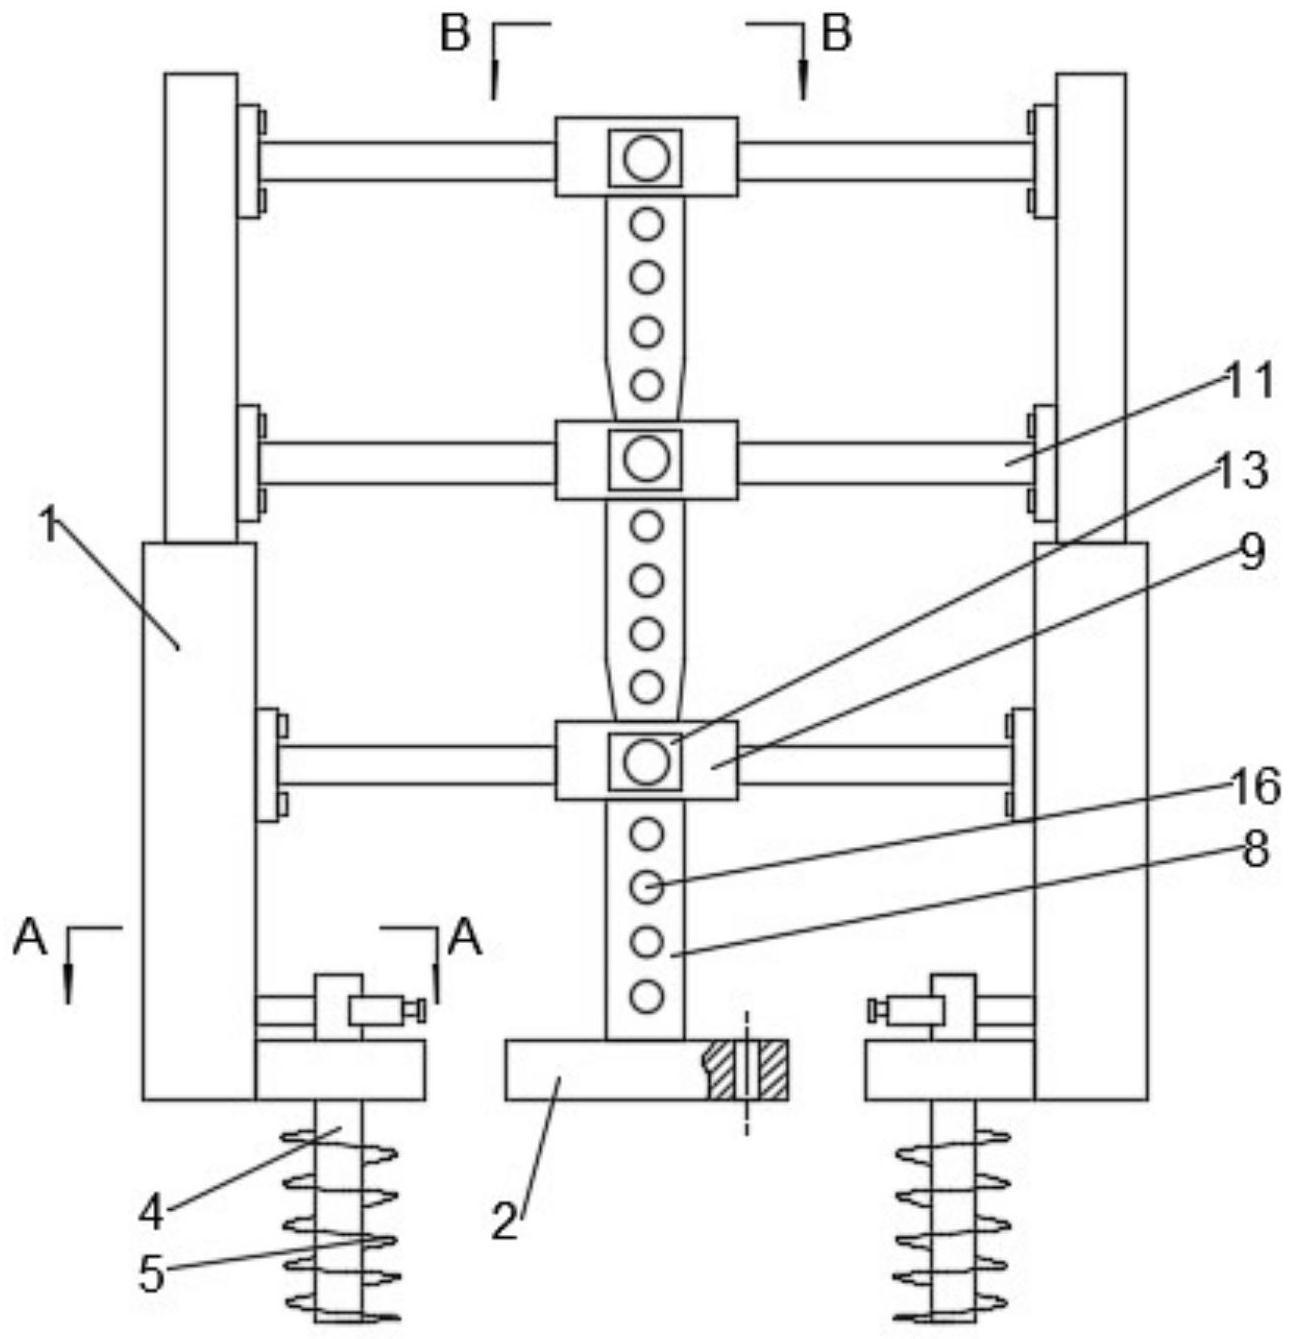 一种基坑支护结构及基坑支护组件